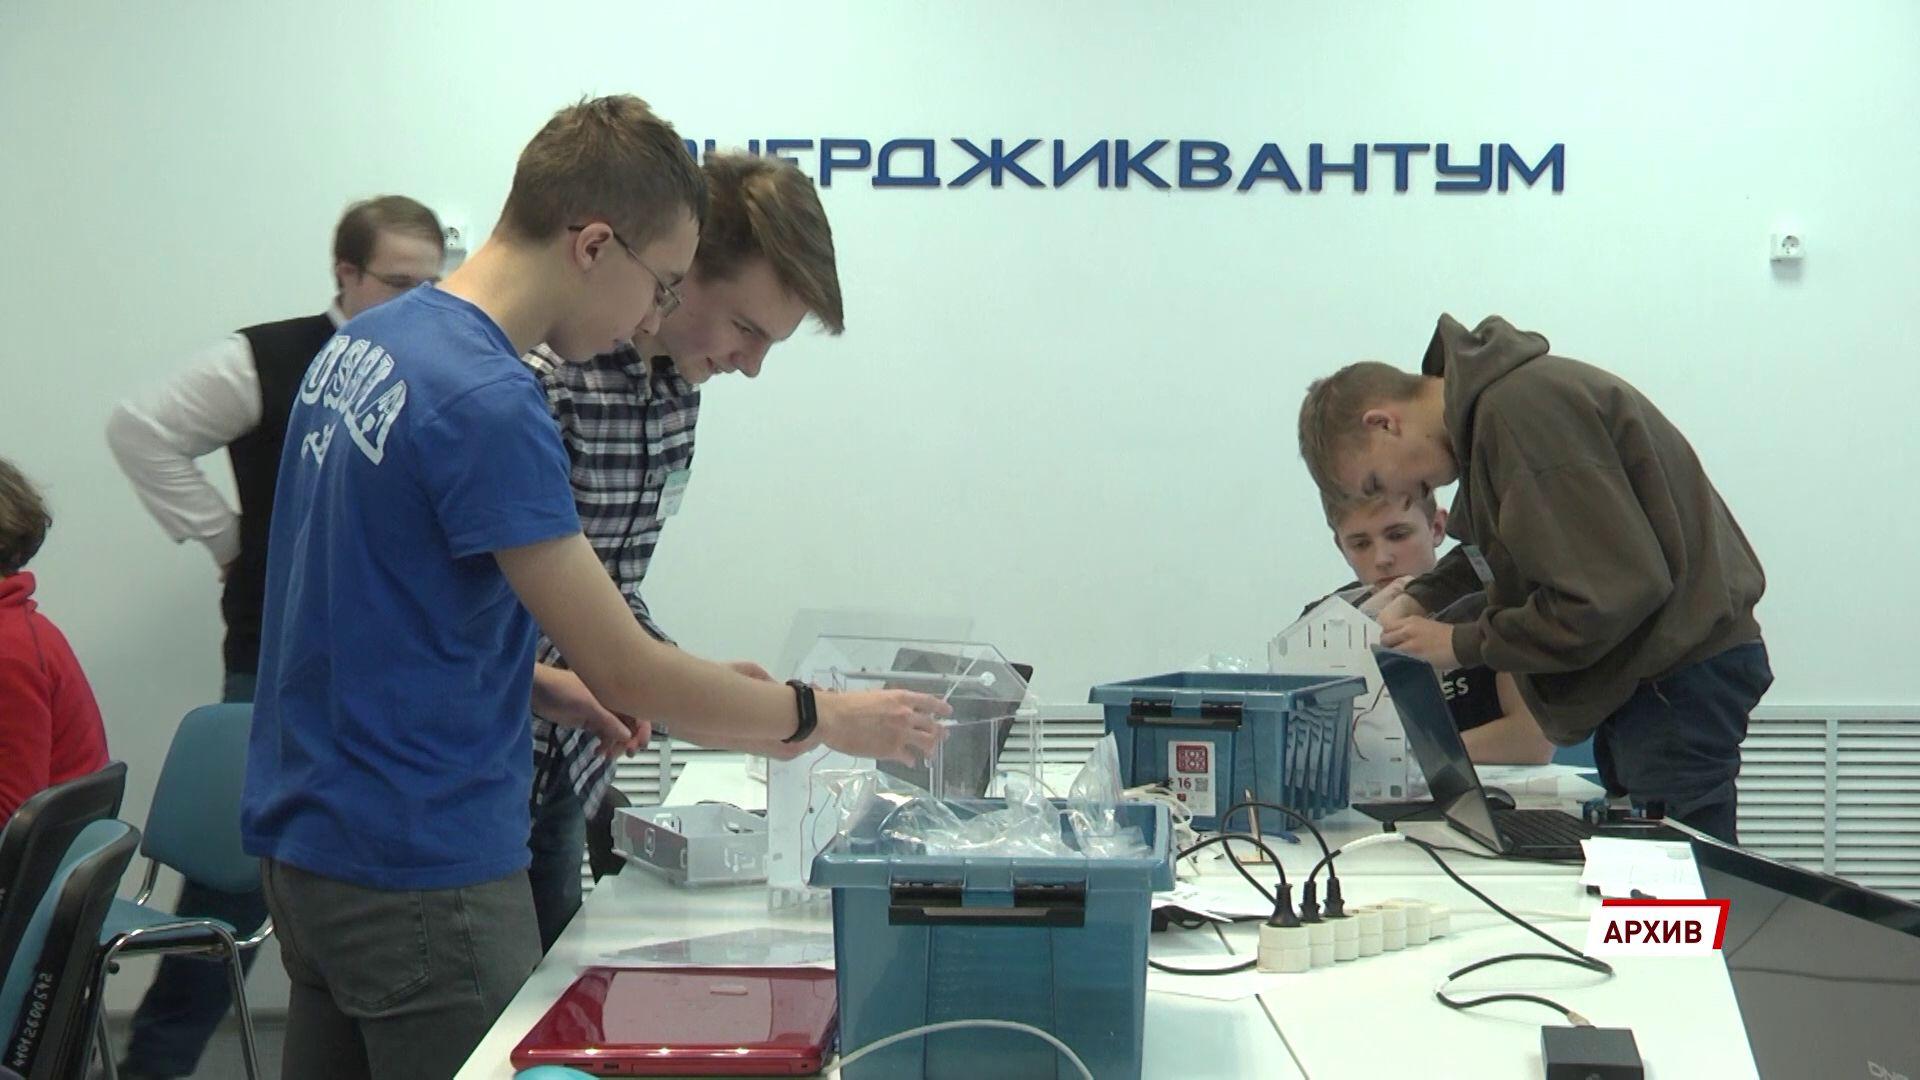 В Ярославской области откроют более 150 цифровых учебных центров